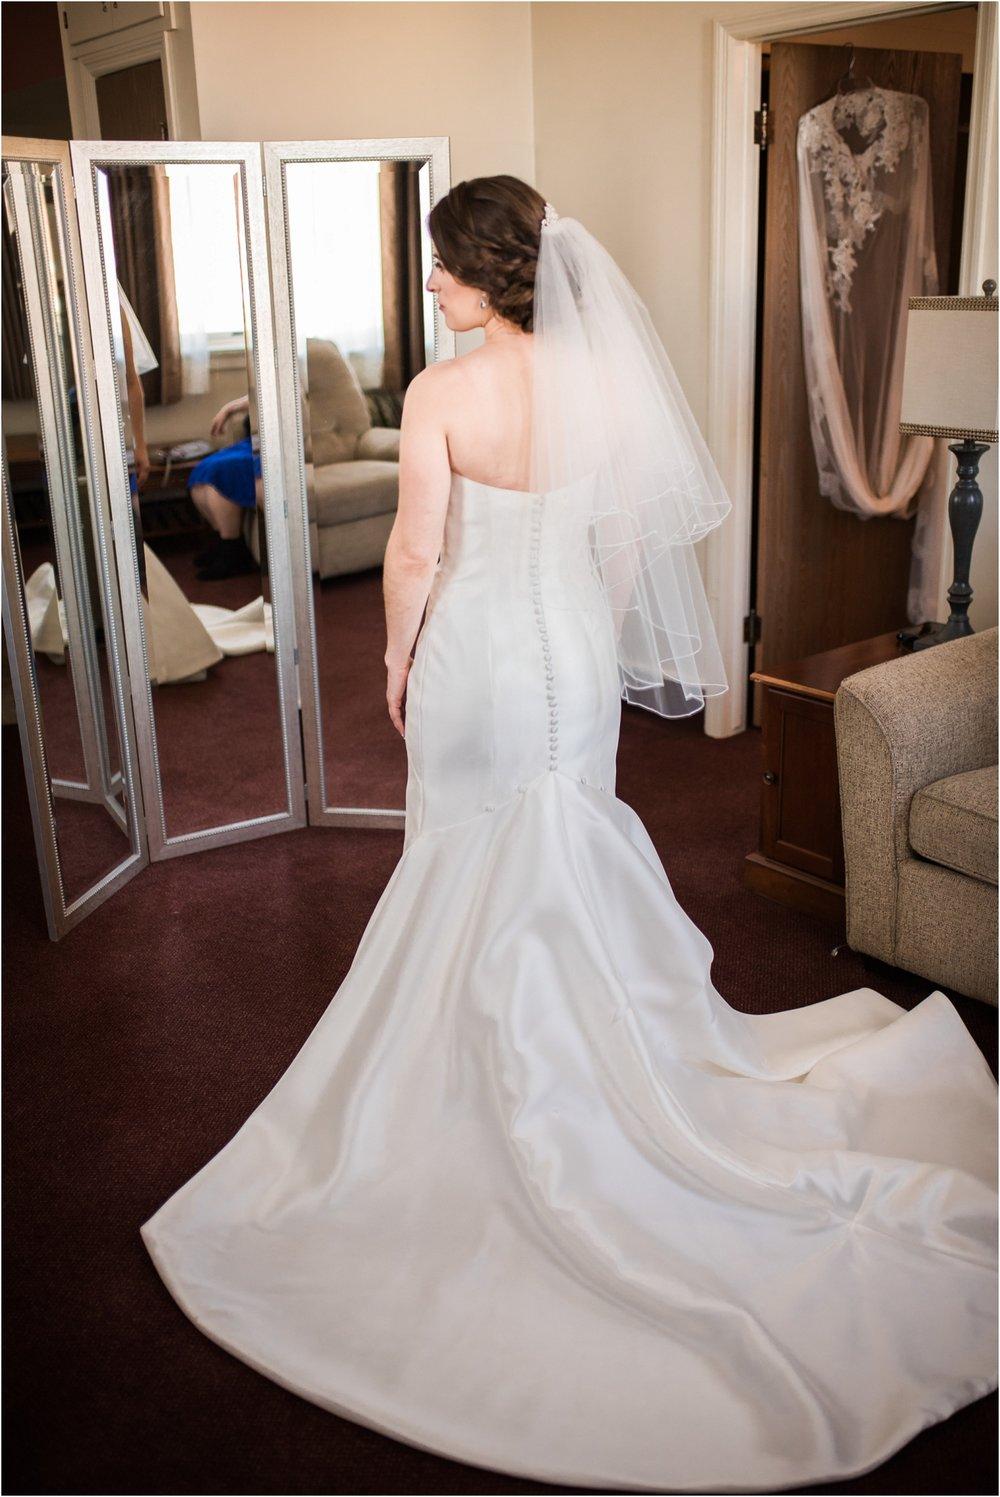 central_nebraska_wedding_0451.jpg